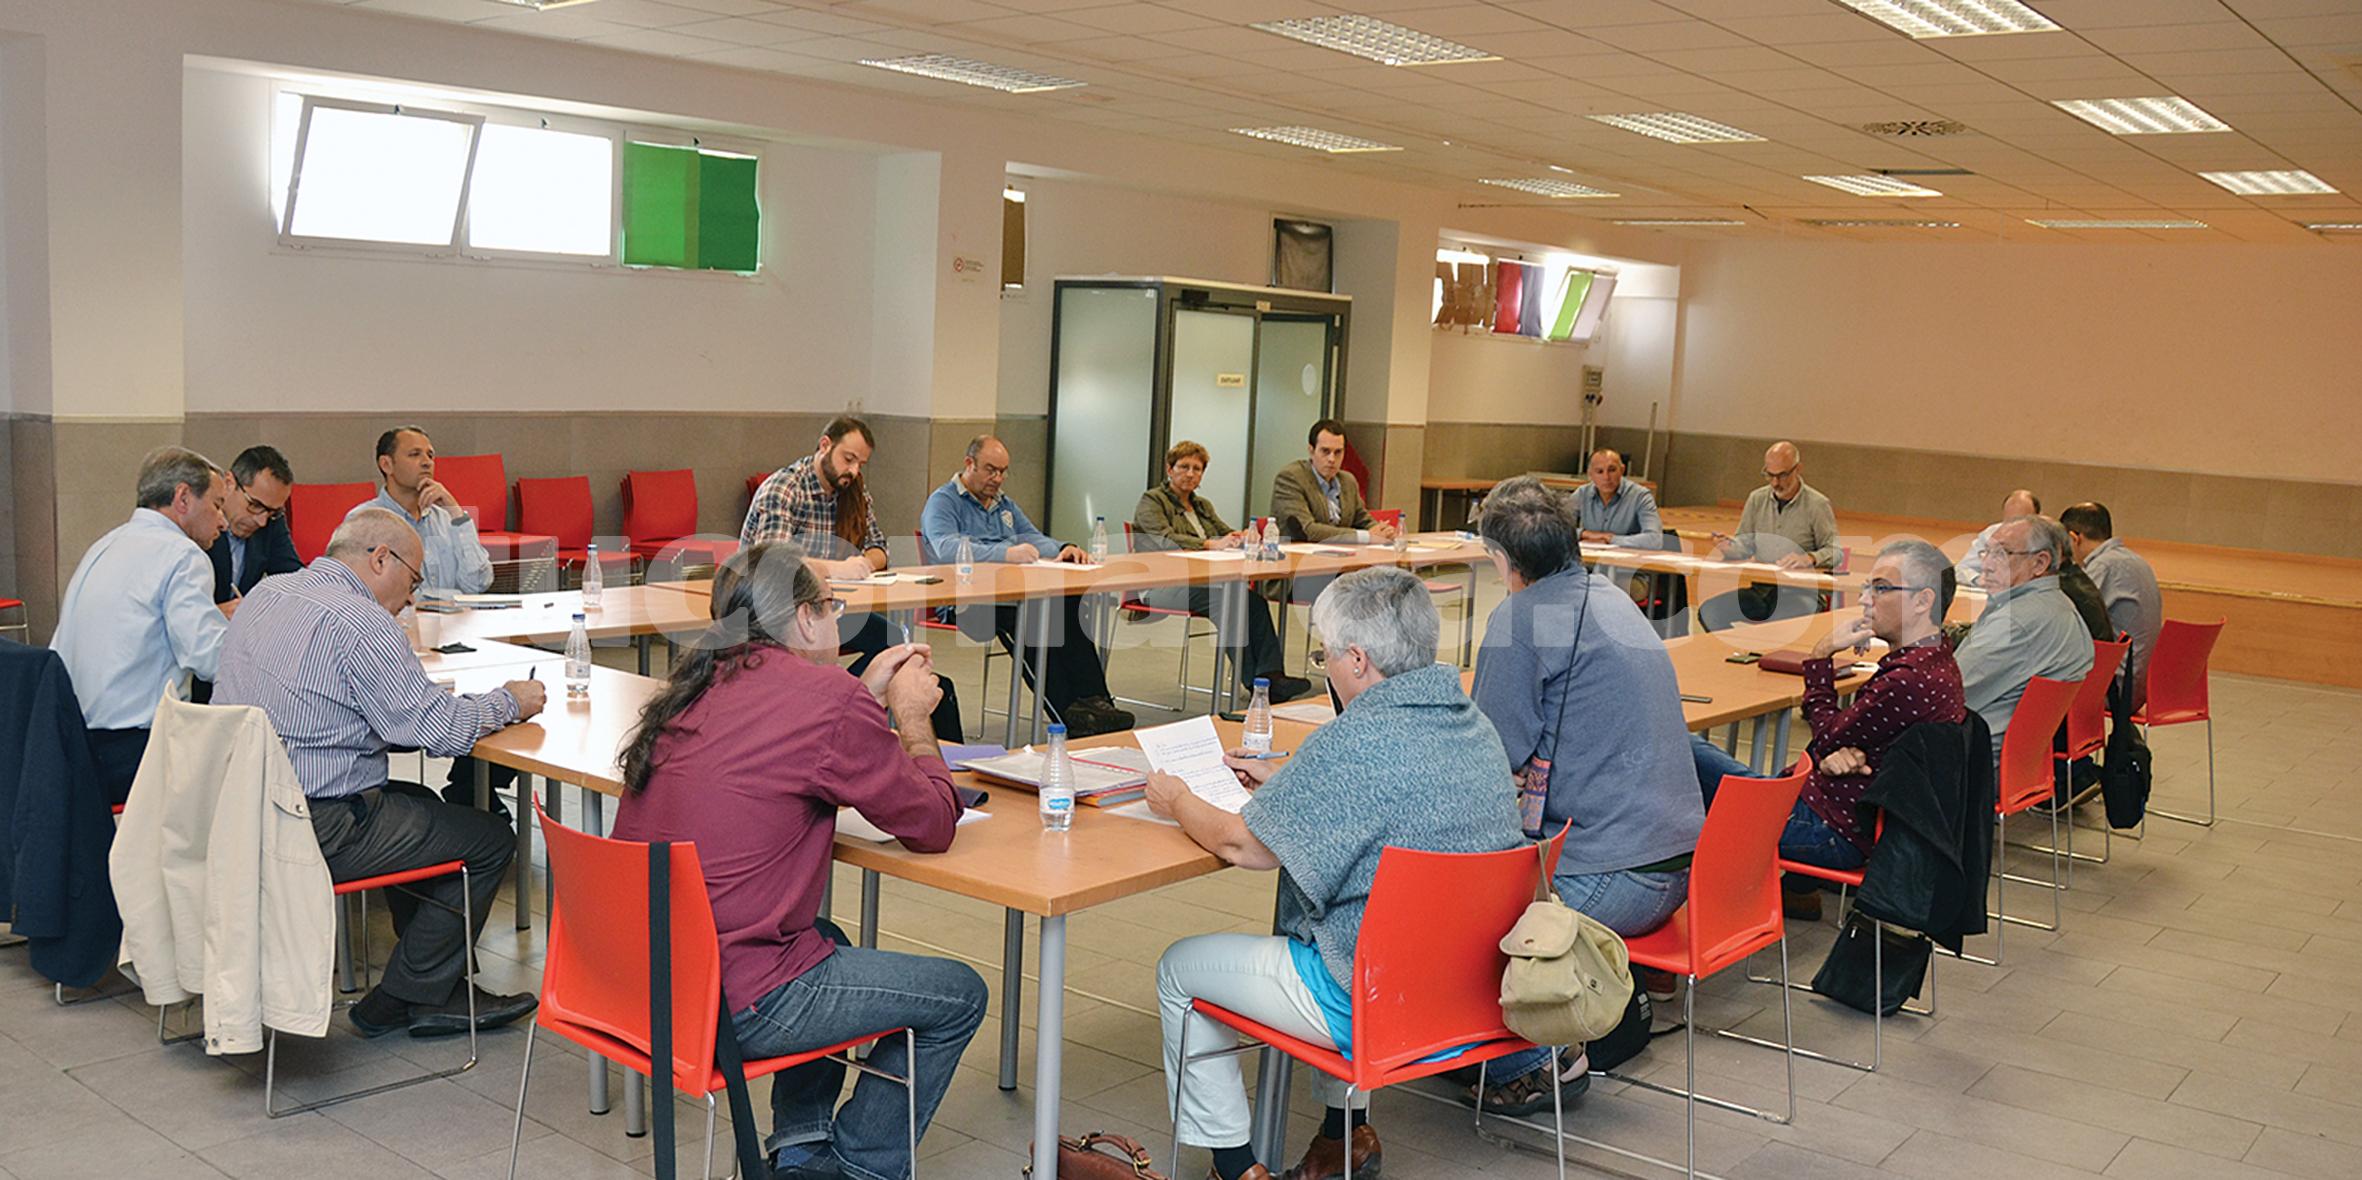 La reunión de Godelleta fue presidida por el presidente de la mancomunidad, Rafa Fora, el Secretario autonómico, Julià Àlvaro, y el Director General, Joan Piquer.